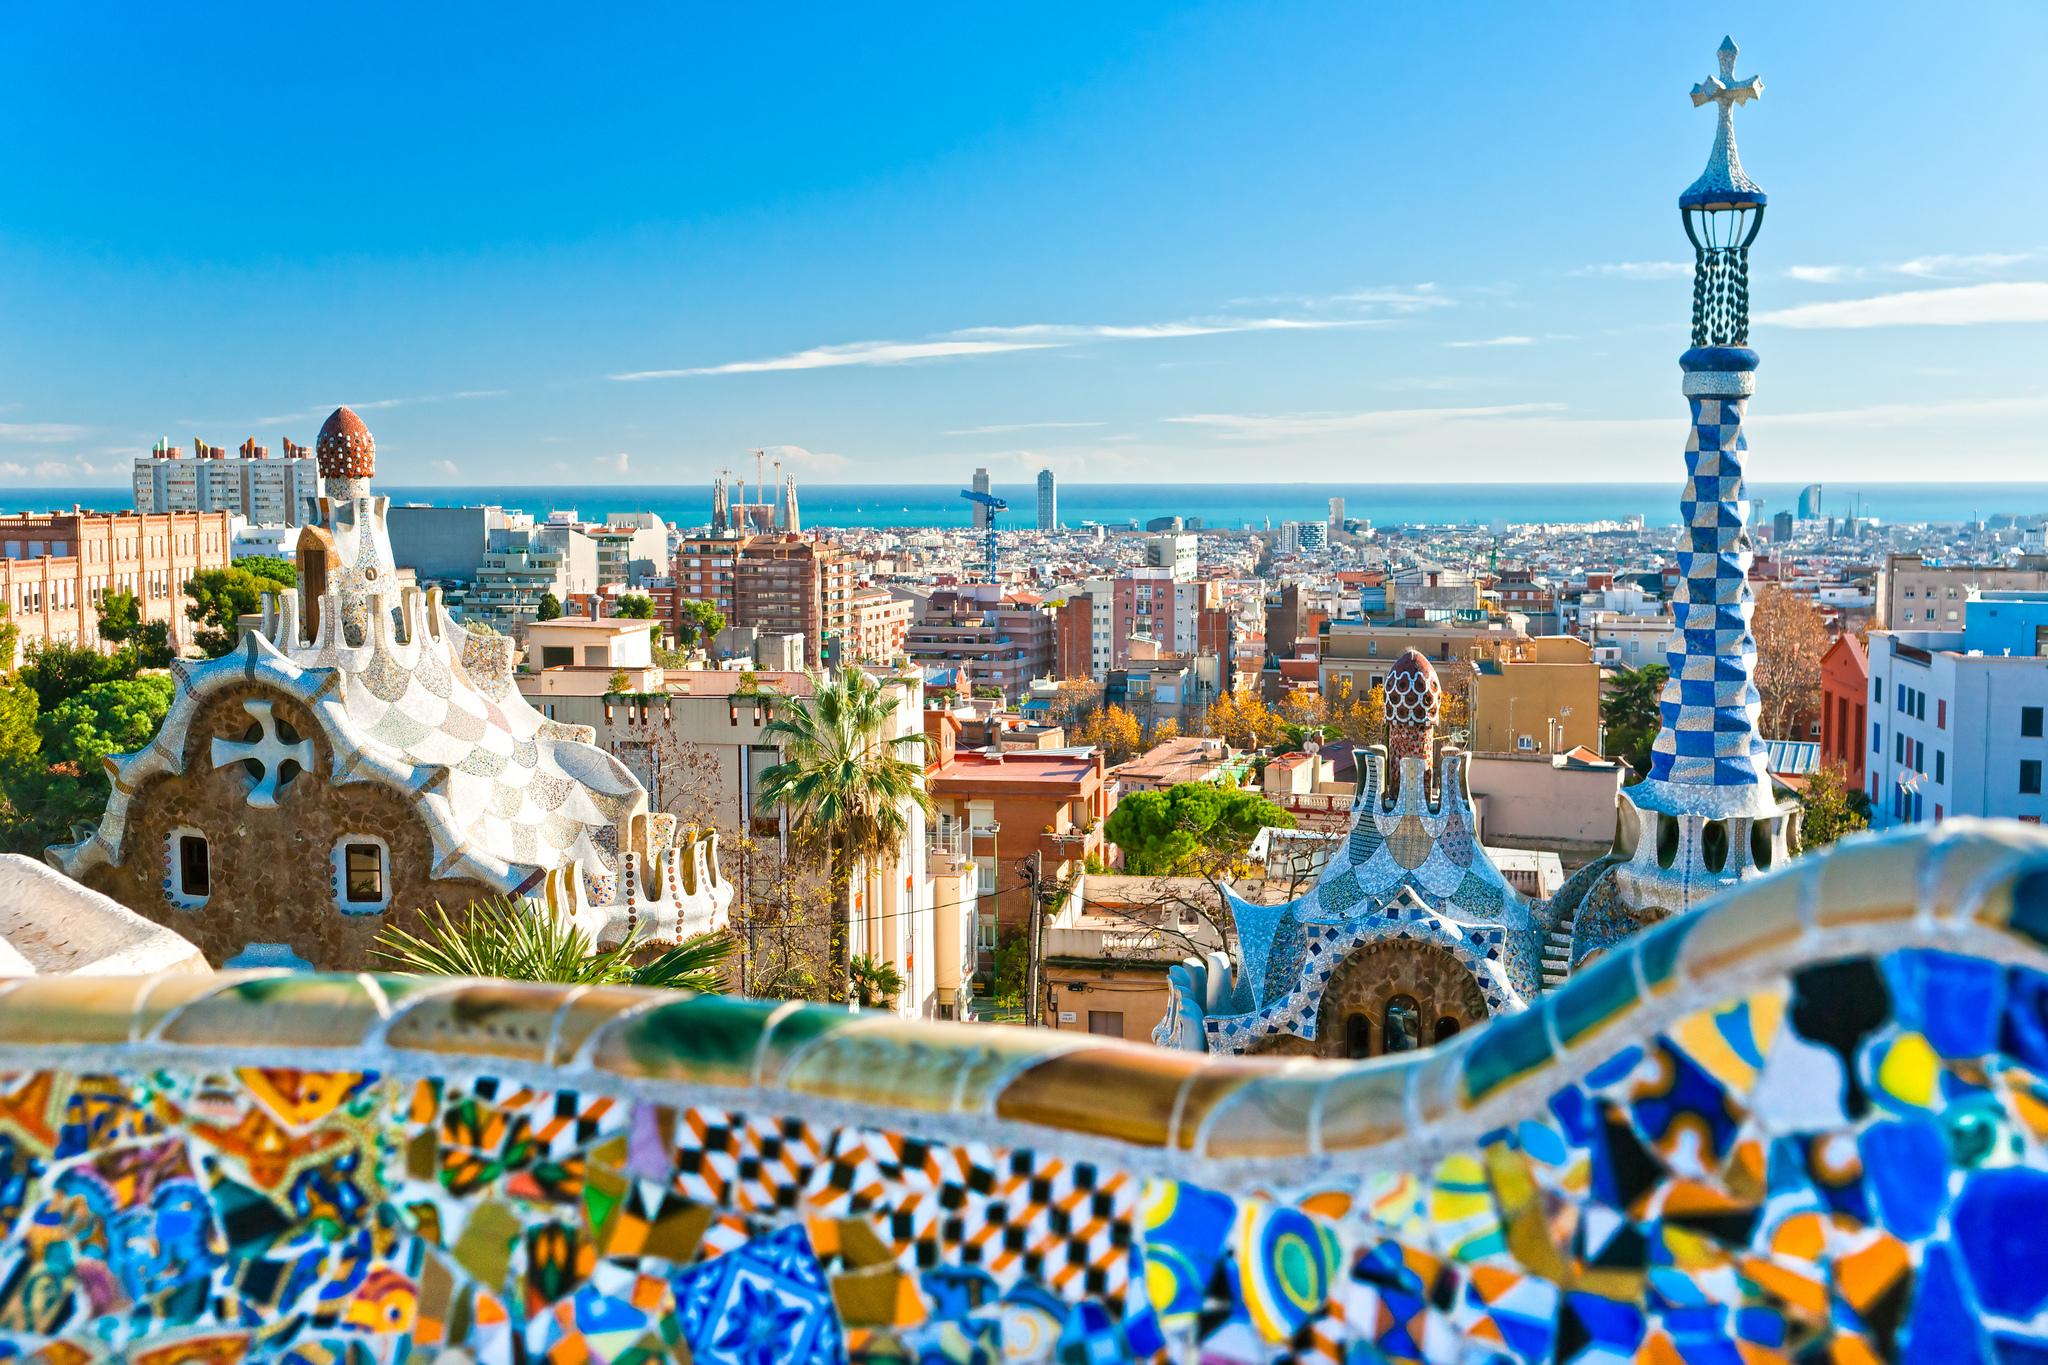 Leben und arbeiten in Barcelona